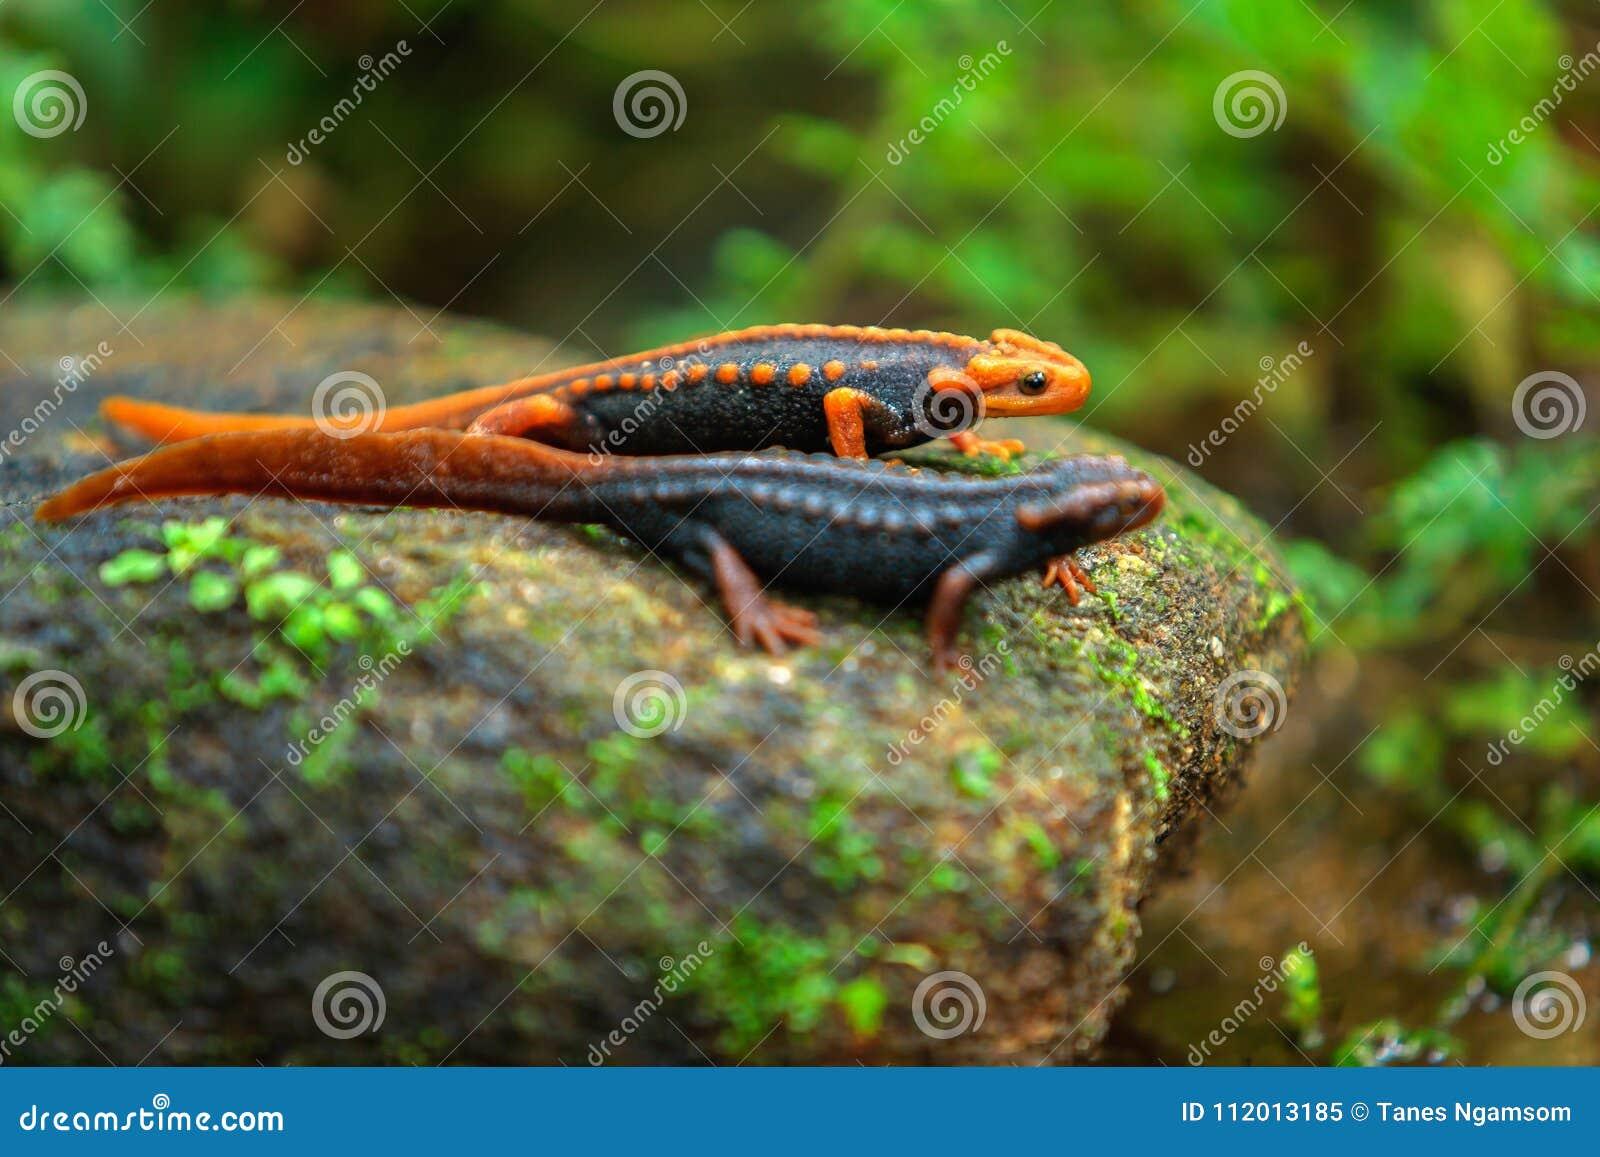 Salamandra del cocodrilo